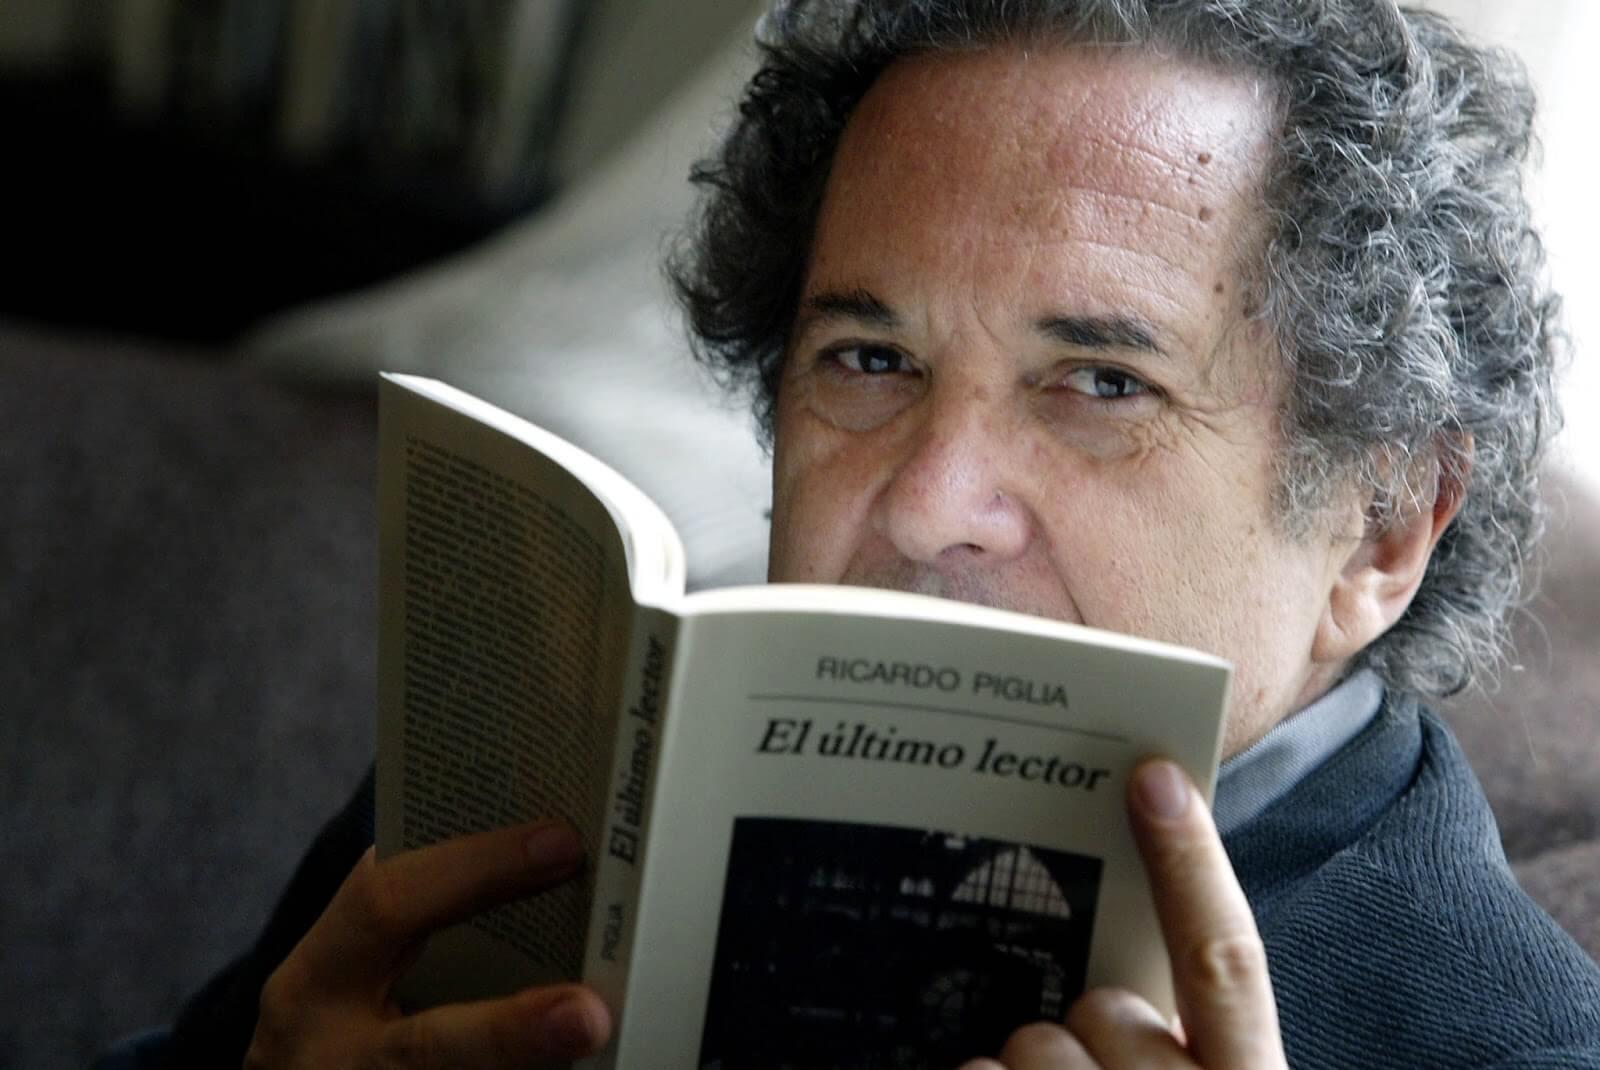 Morre o escritor argentino Ricardo Piglia, autor de Respiração Artificial